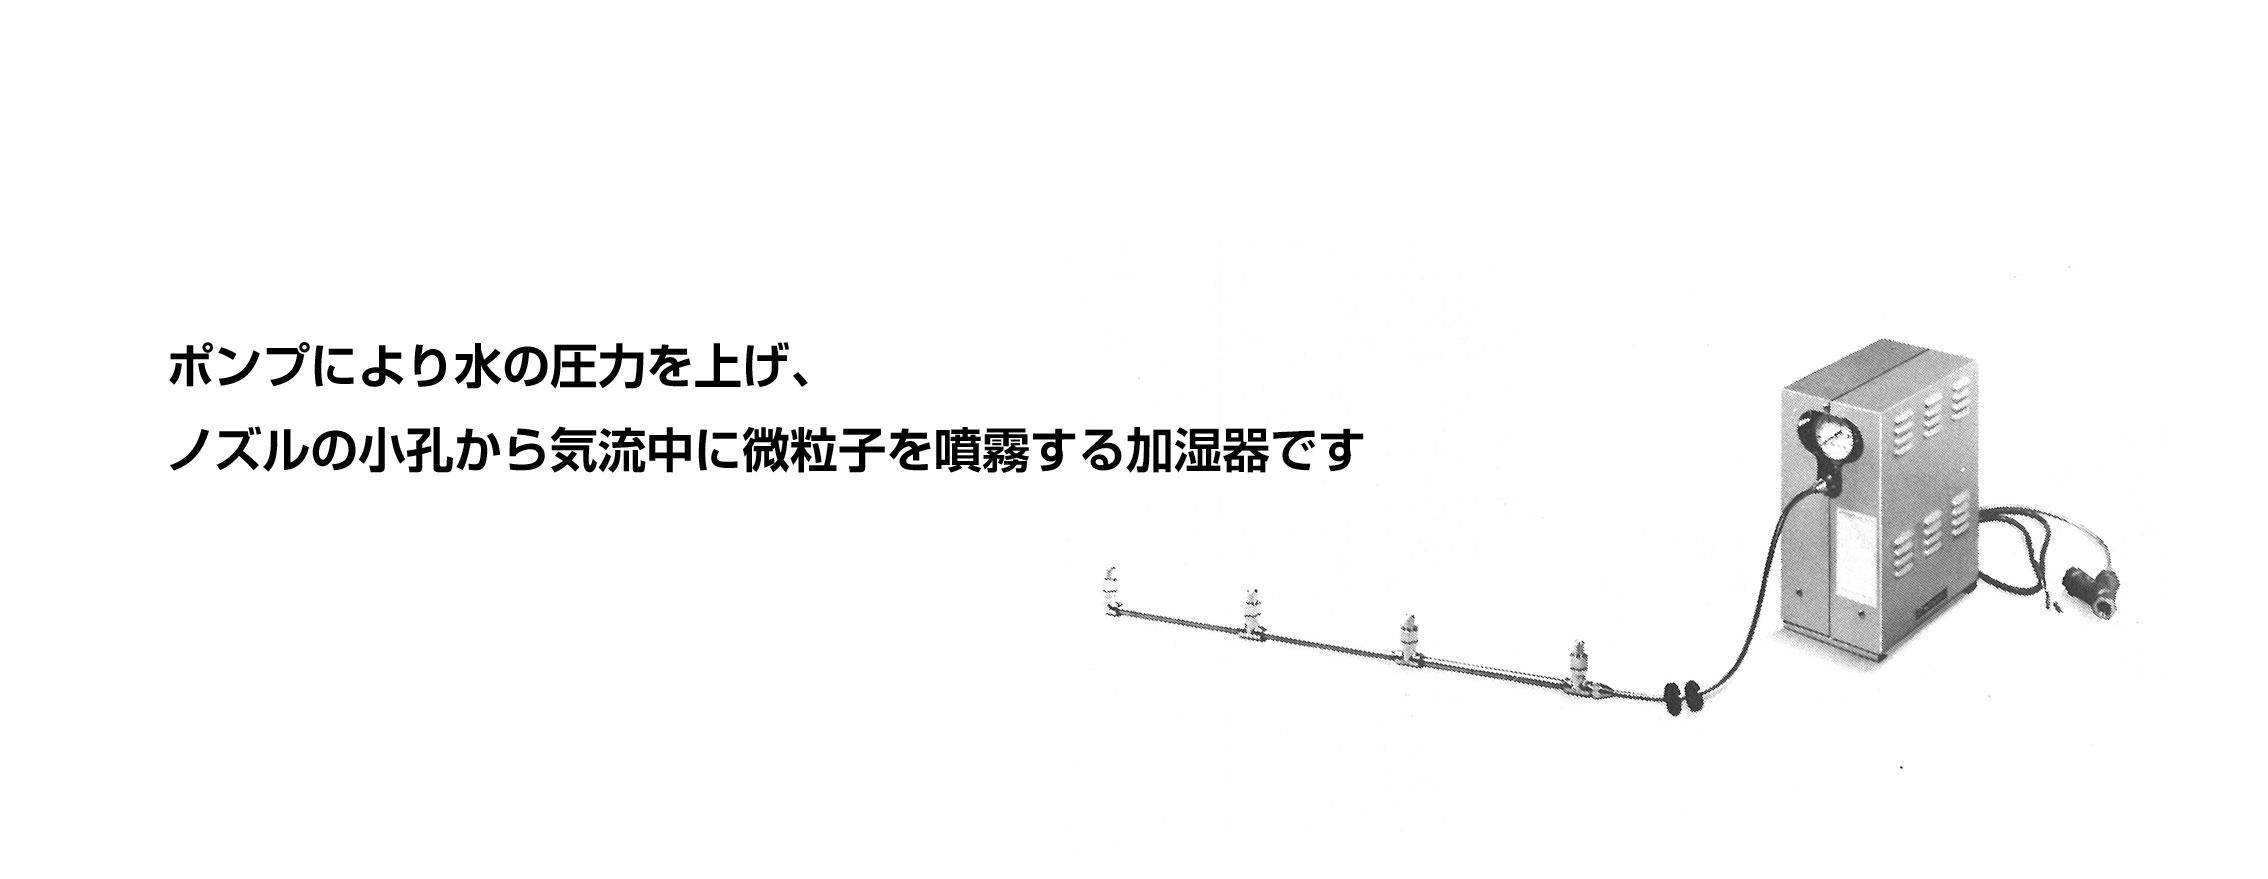 高圧スプレー式加湿器SVH